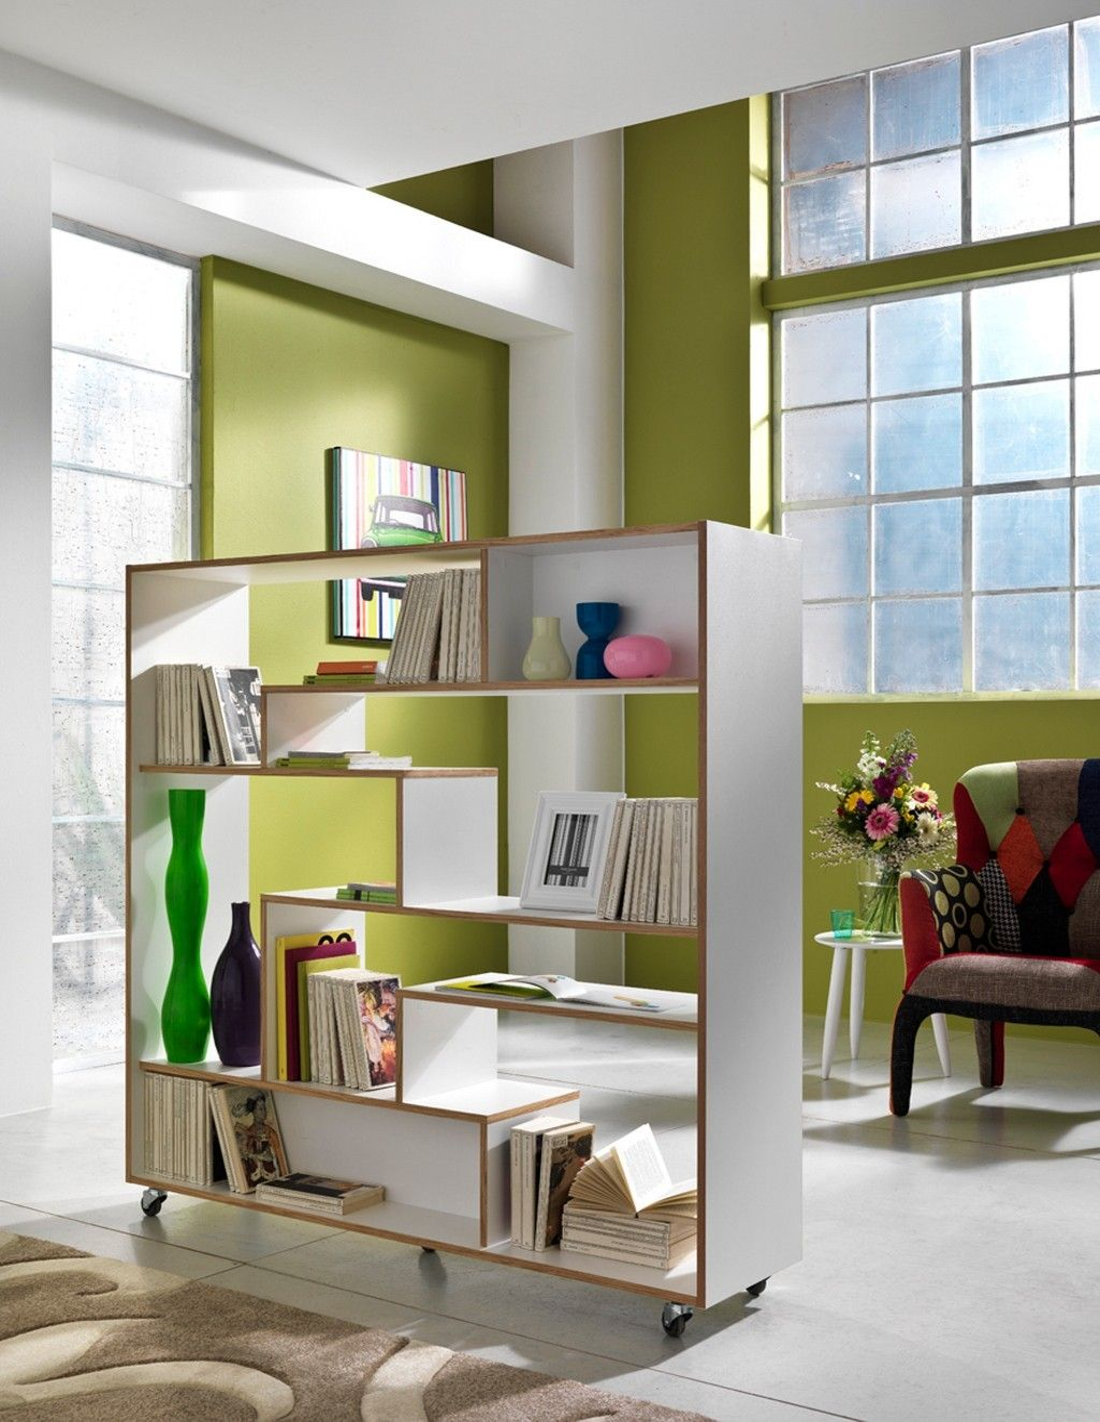 Libreria con ruote moving in legno bianco opaco 145 x 160 cm for Librerie moderne economiche